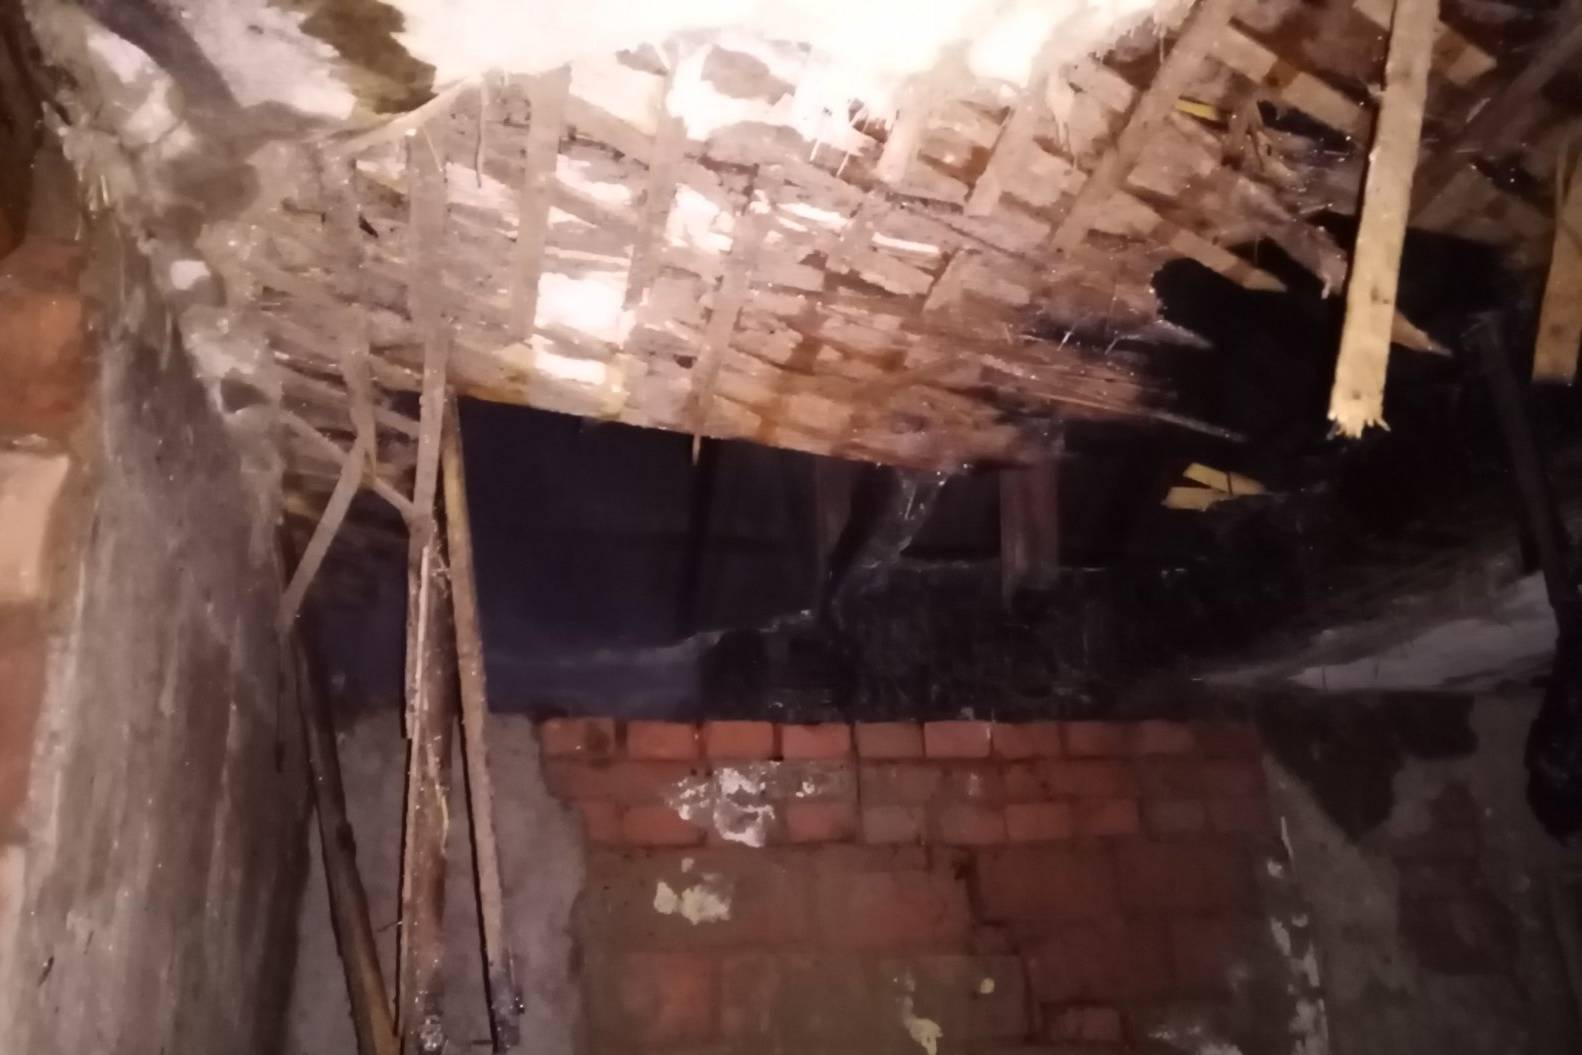 Домовладелец из-за неисправного дымохода остался без крыши (фото)